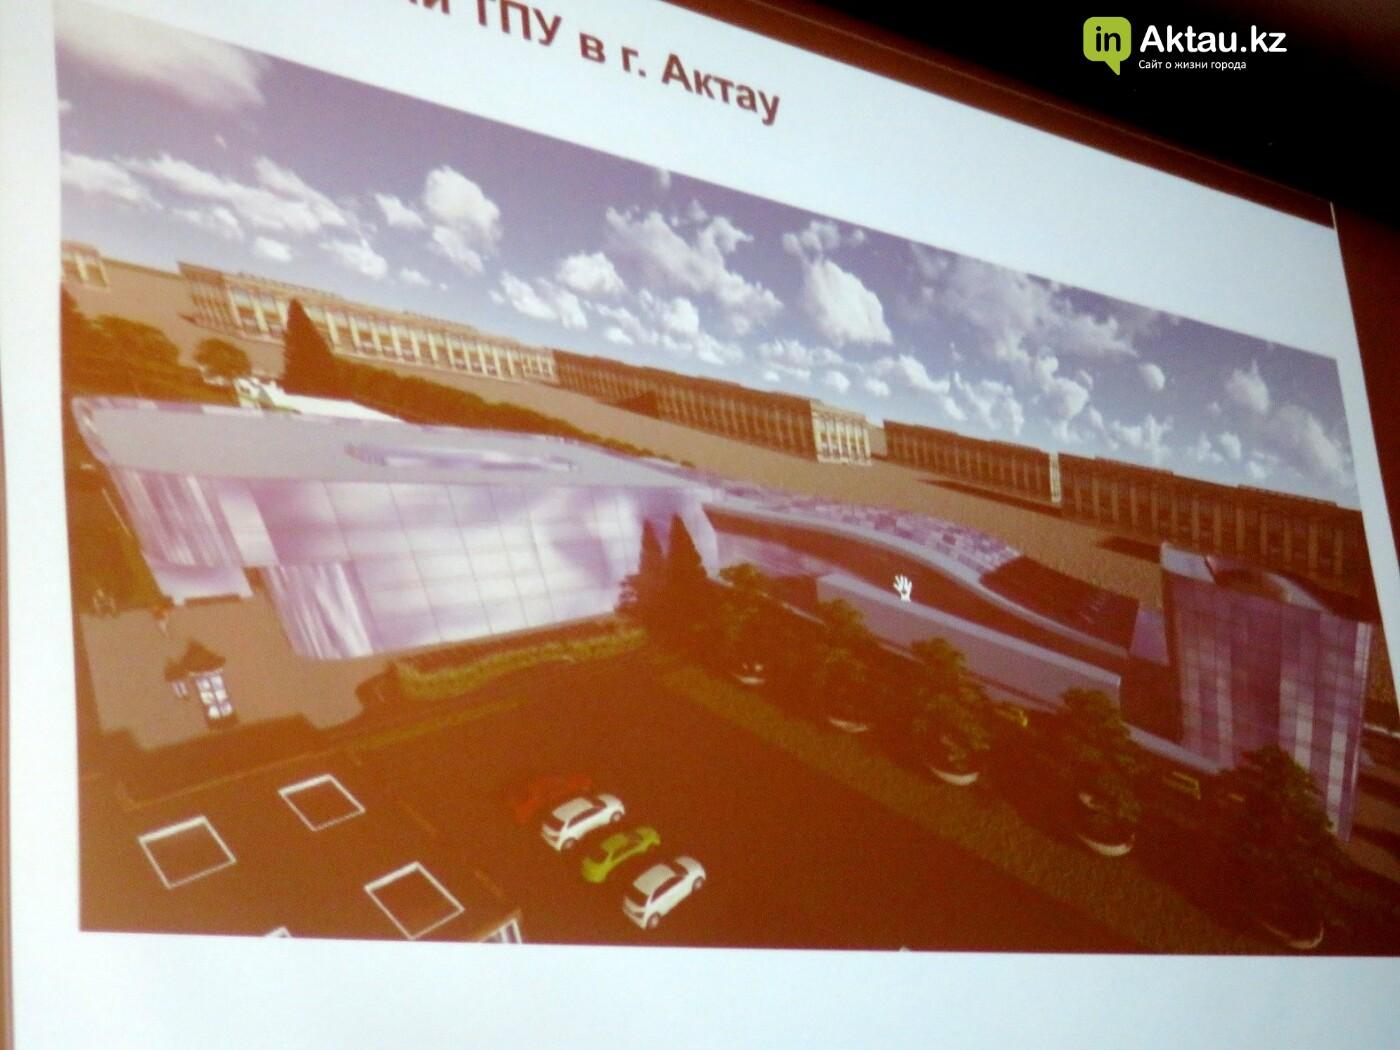 Железнодорожный вокзал в центре Актау: к чему пришли на слушаниях, фото-1